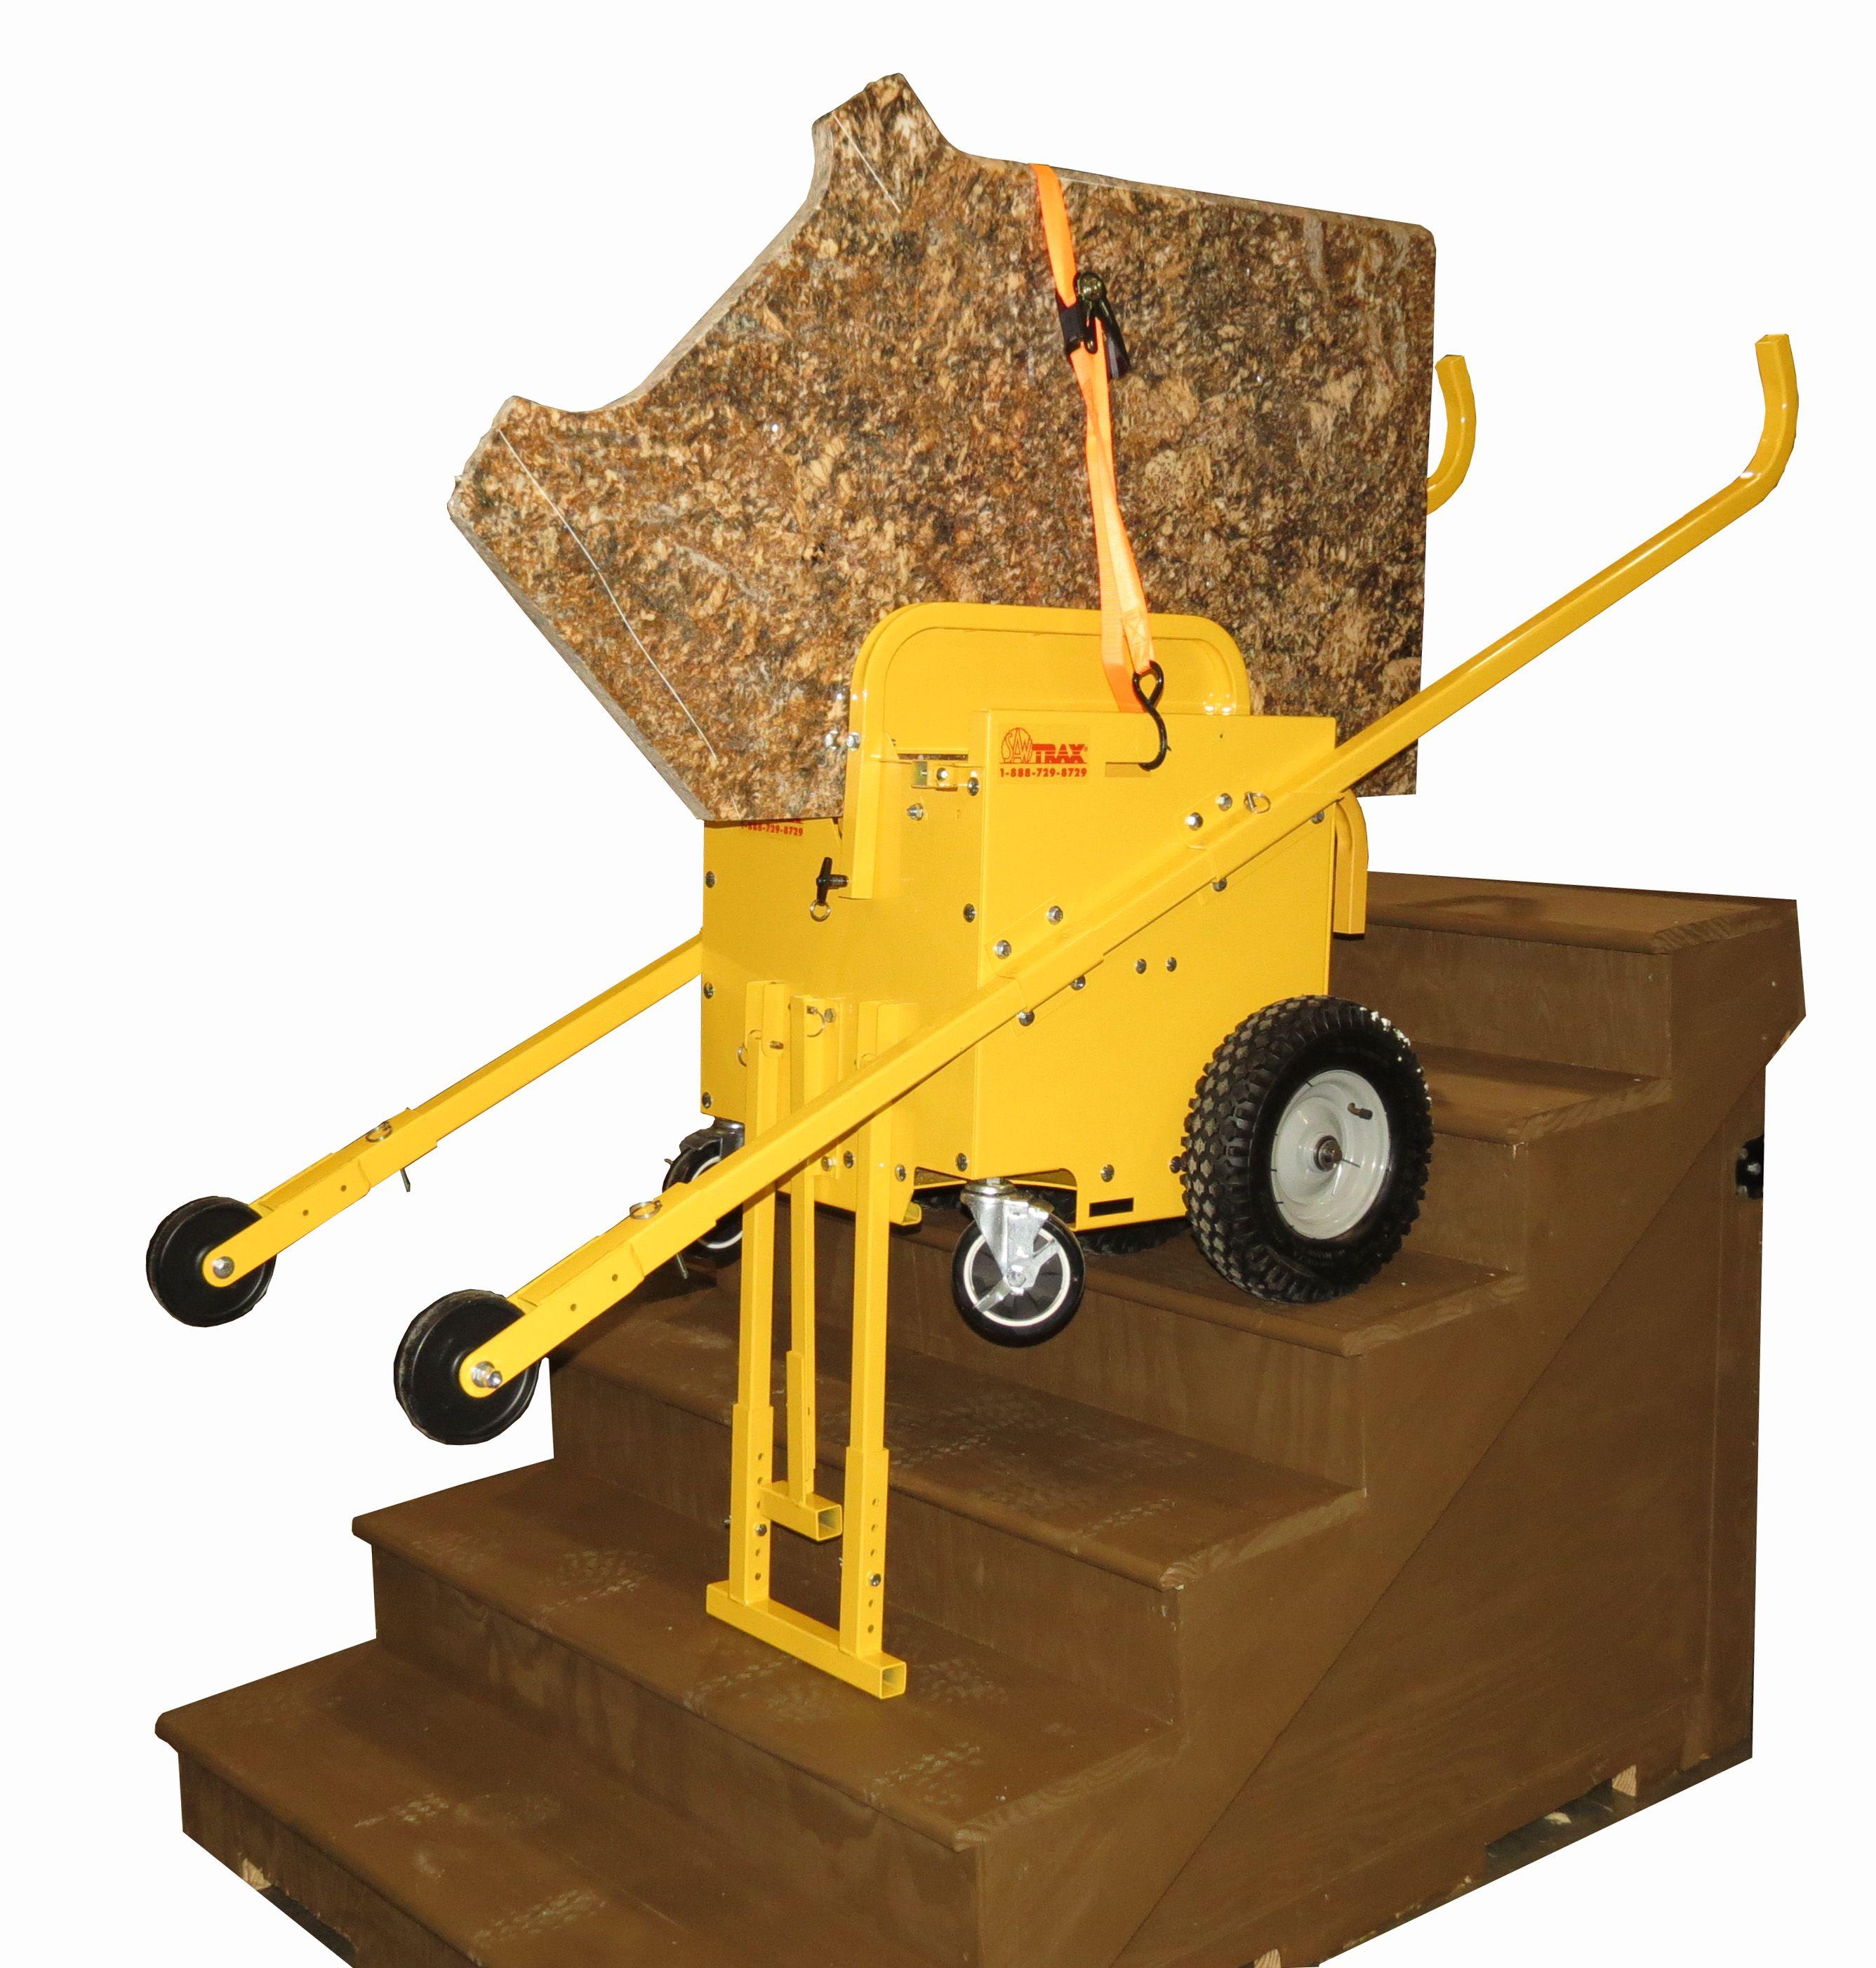 Granite Express Slab Cart Stair Climbing Option Coming